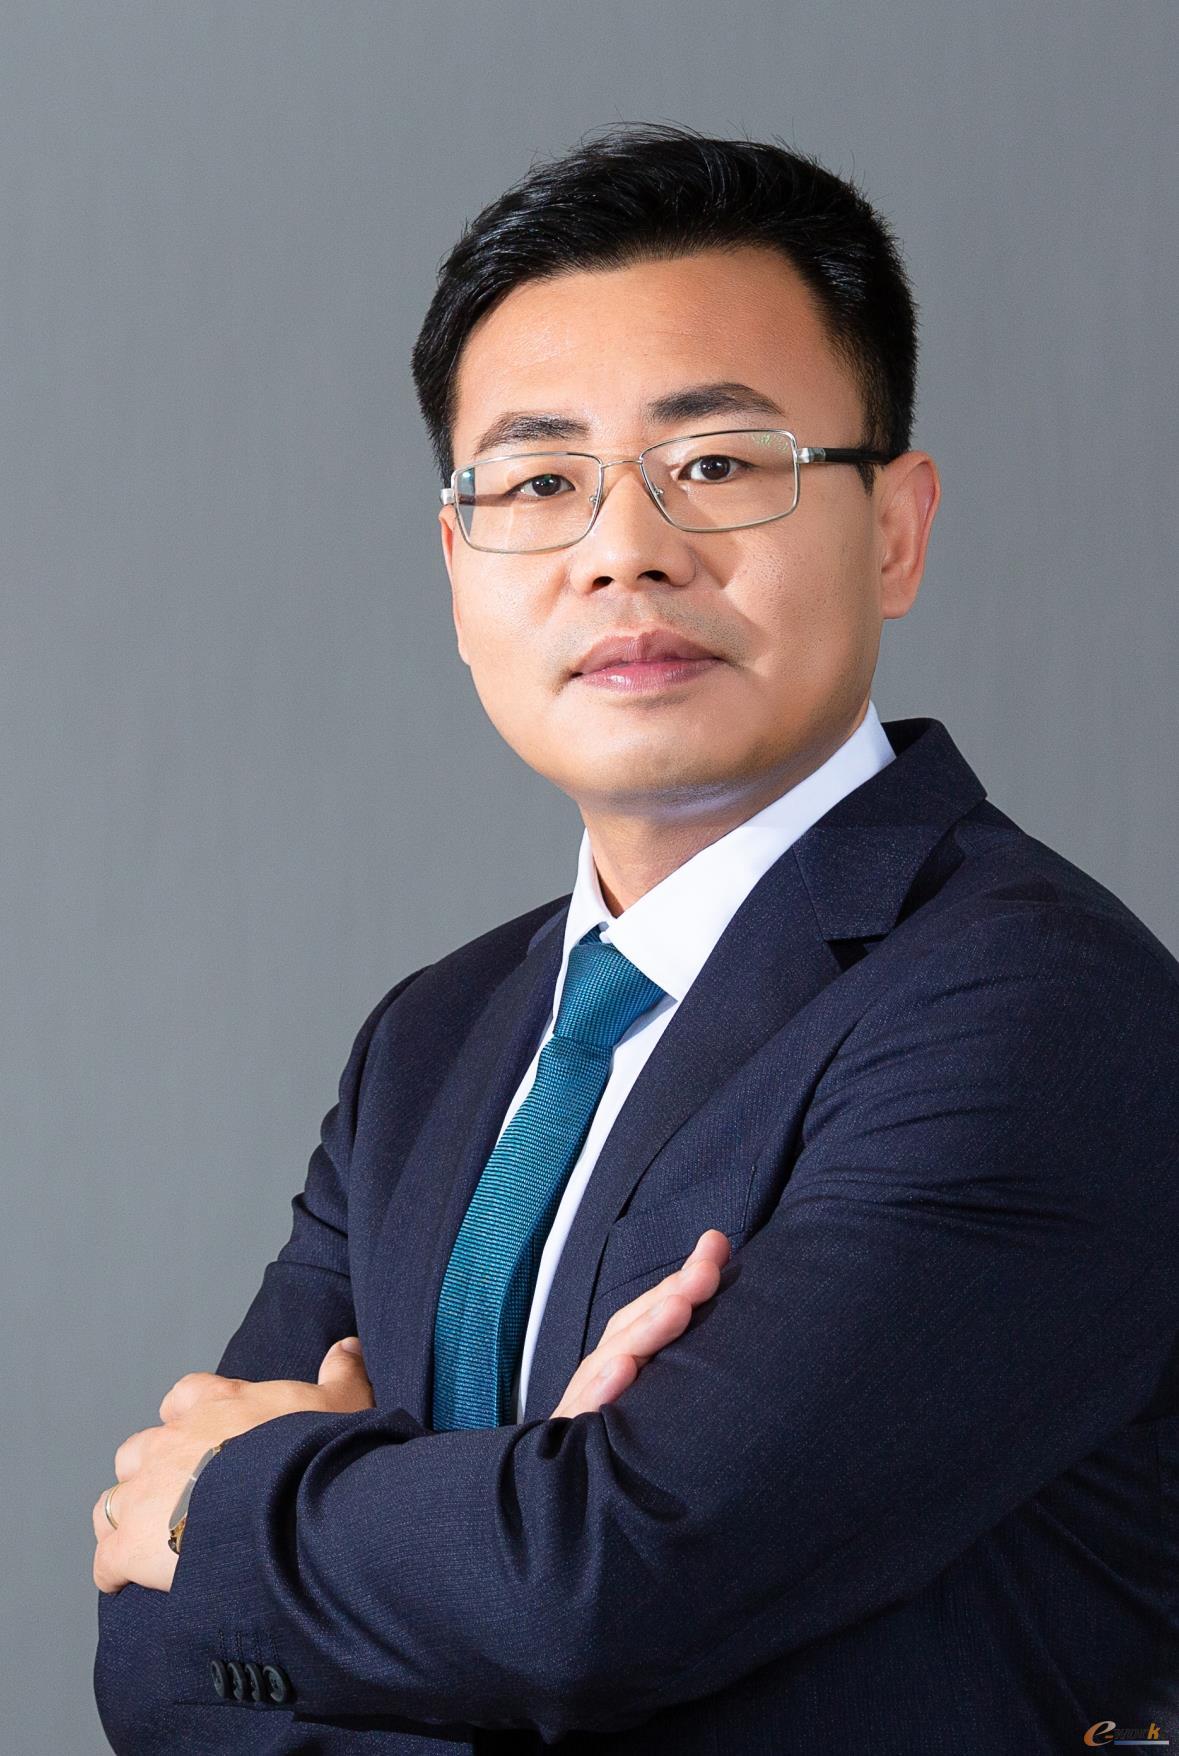 海克斯康制造智能执行总裁(CEO)郝健先生